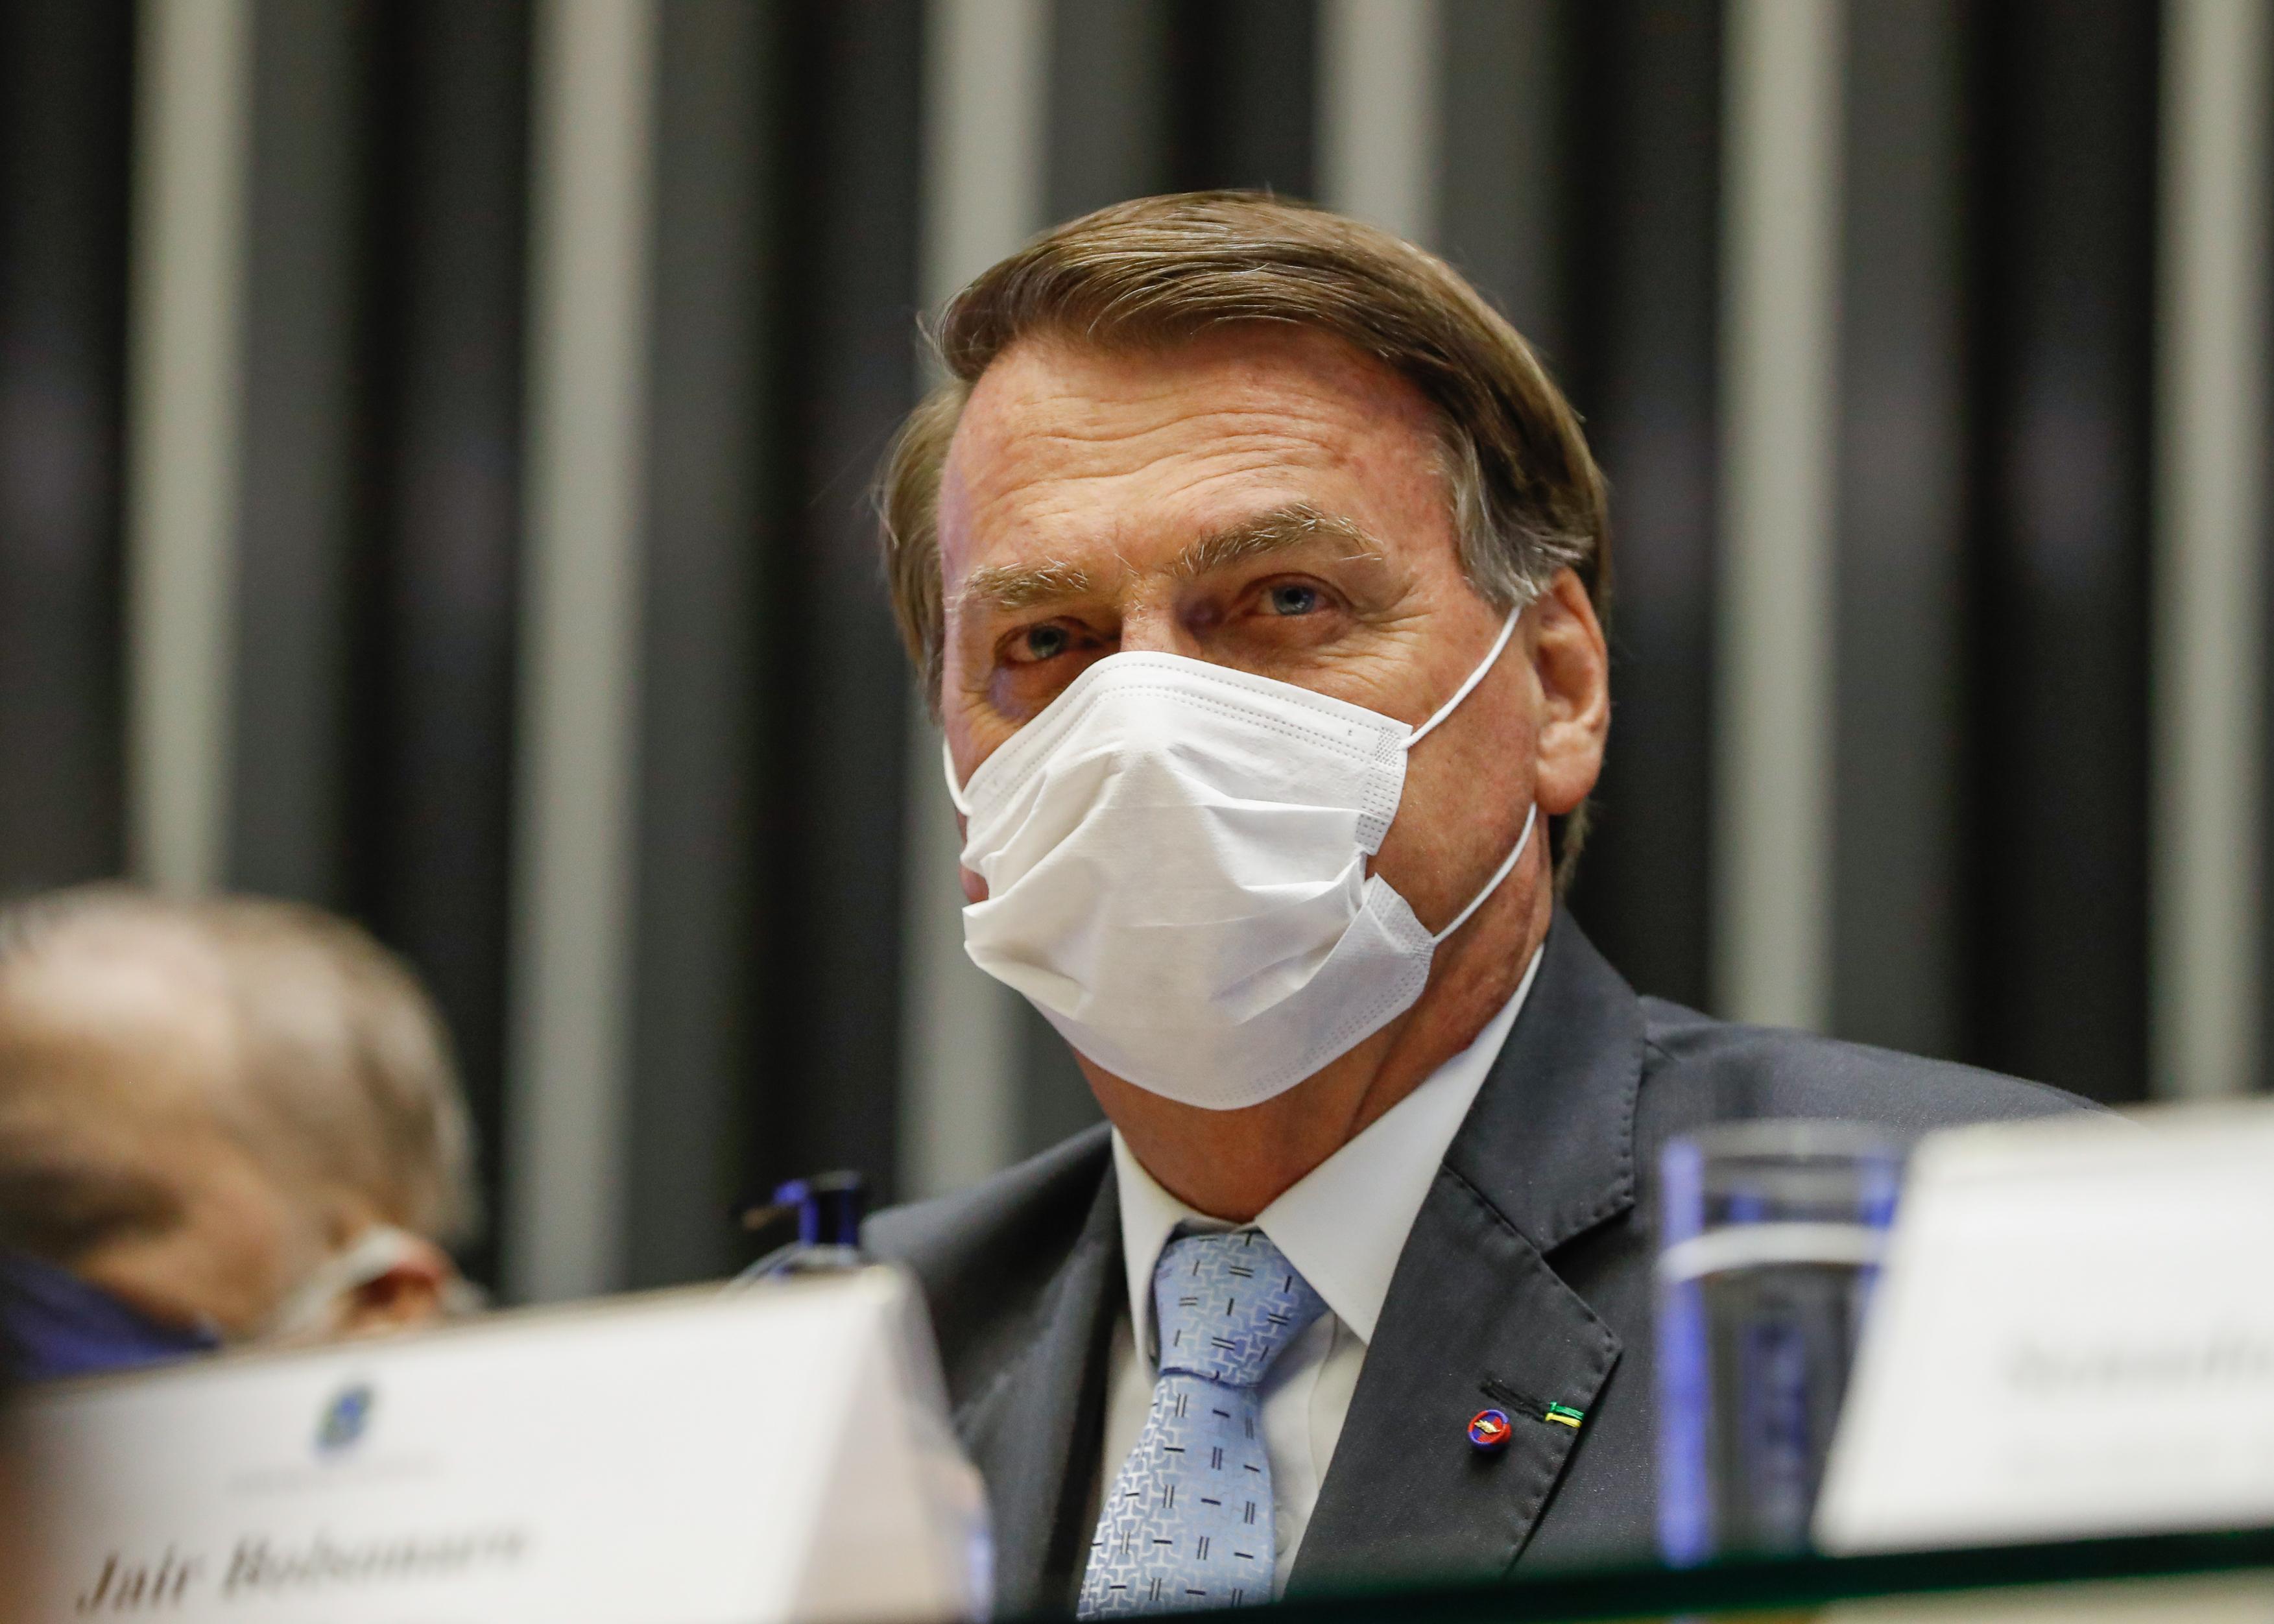 IMAGEM: Após alta no preço dos combustíveis, Bolsonaro promete mudanças na Petrobras